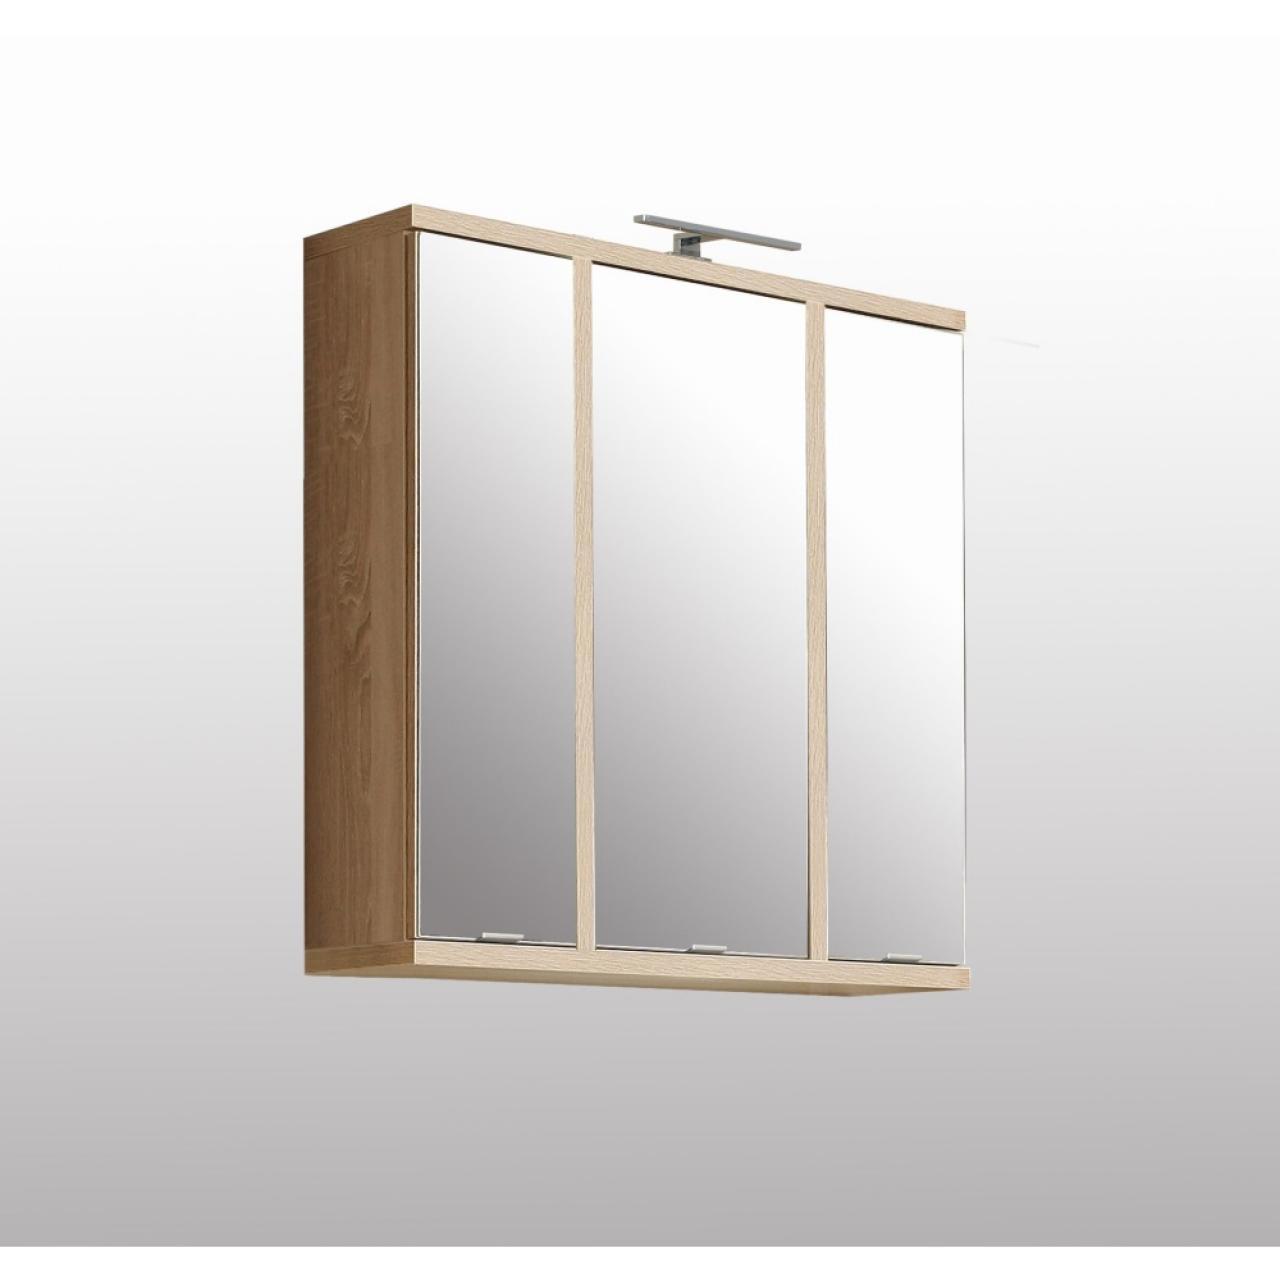 Badmöbel Bay Spiegelschrank Eiche Rivera Beton